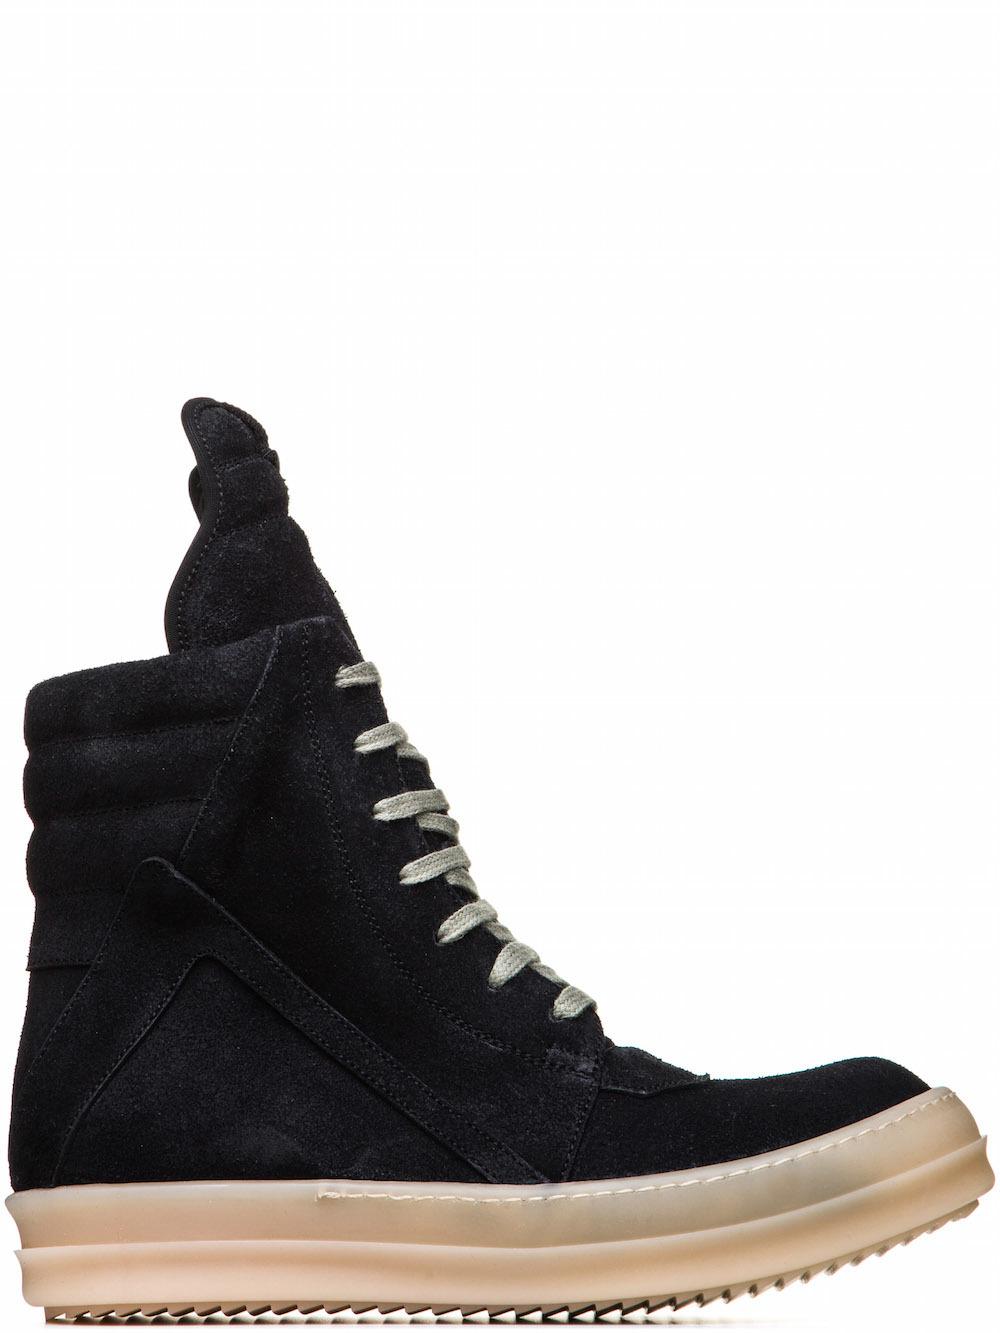 Dirt Geobasket sneakers - Black Rick Owens KW7AIHAhl